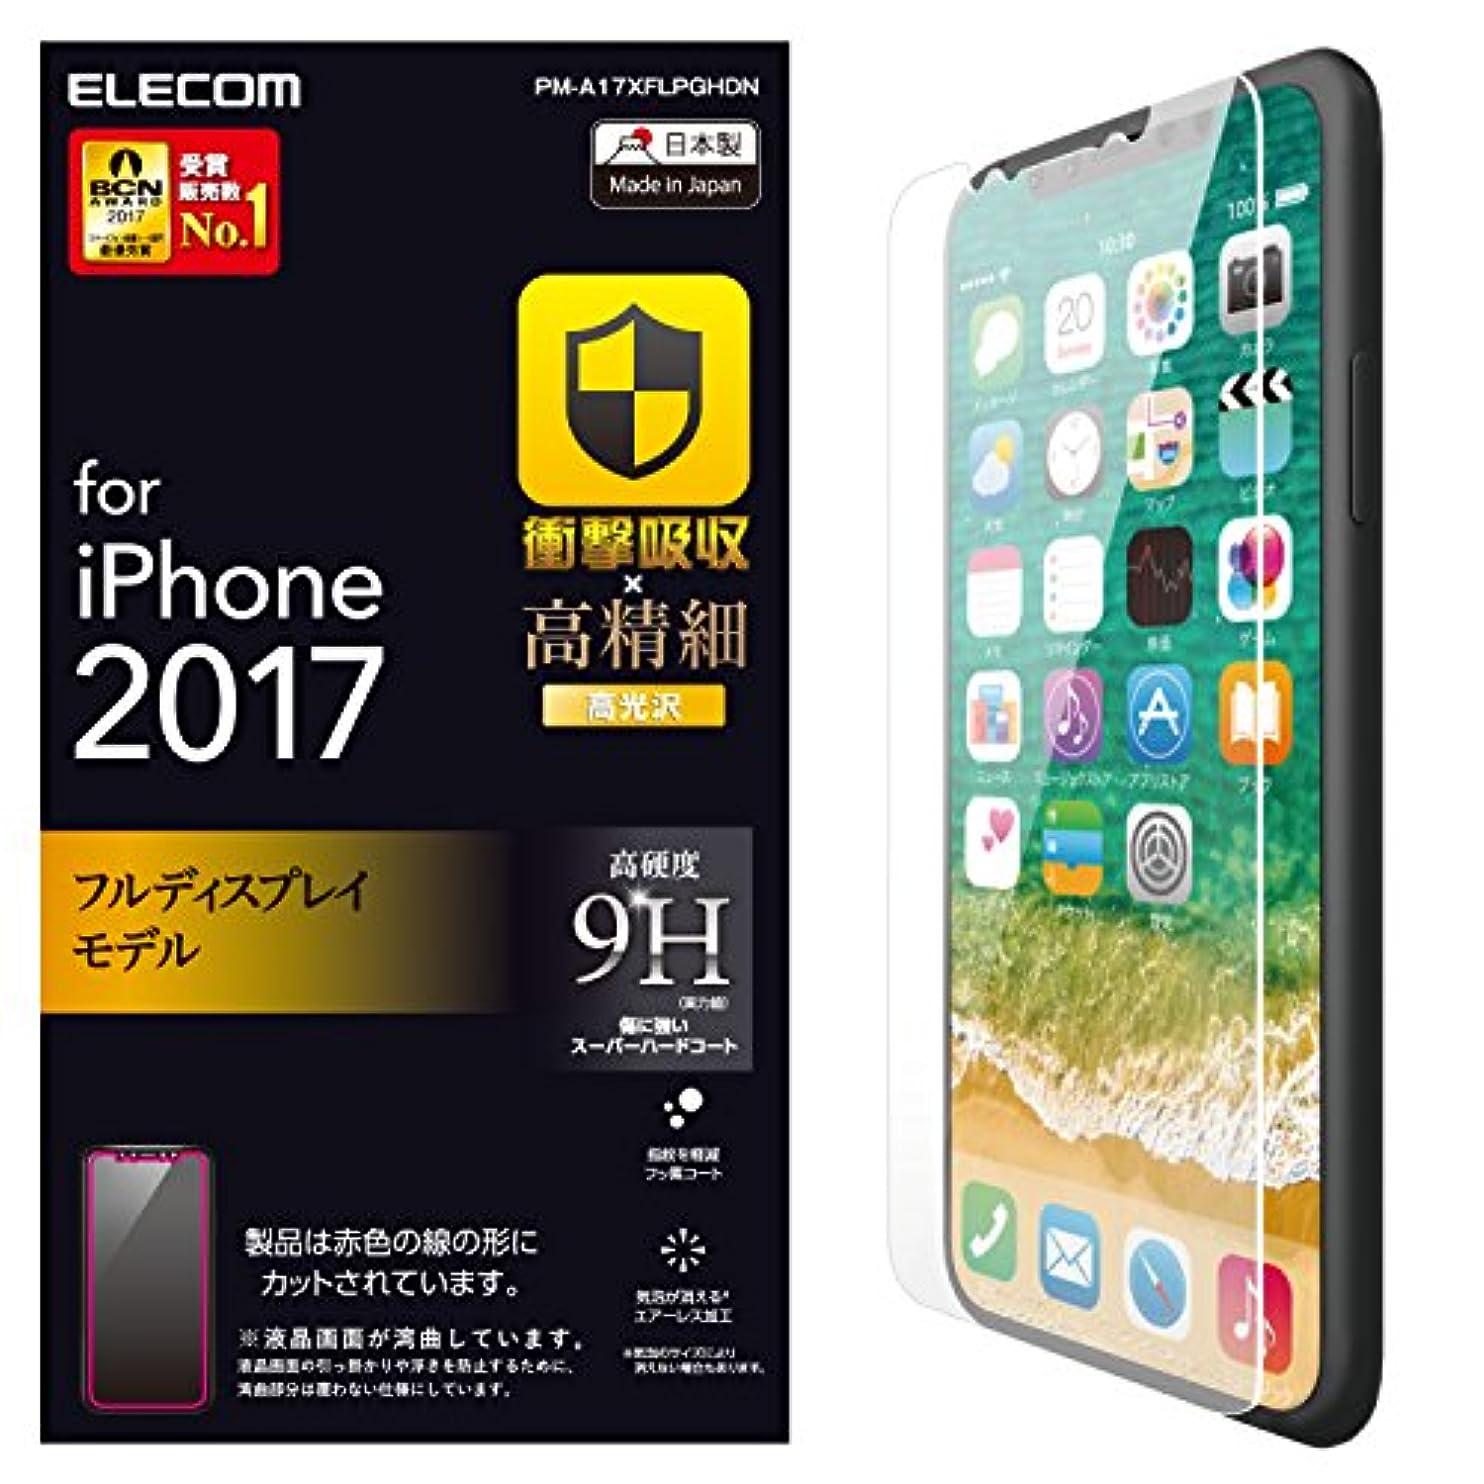 レギュラー感謝瞳エレコム iPhone X フィルム 高精細 衝撃吸収 高硬度9H  PM-A17XFLPGHDN